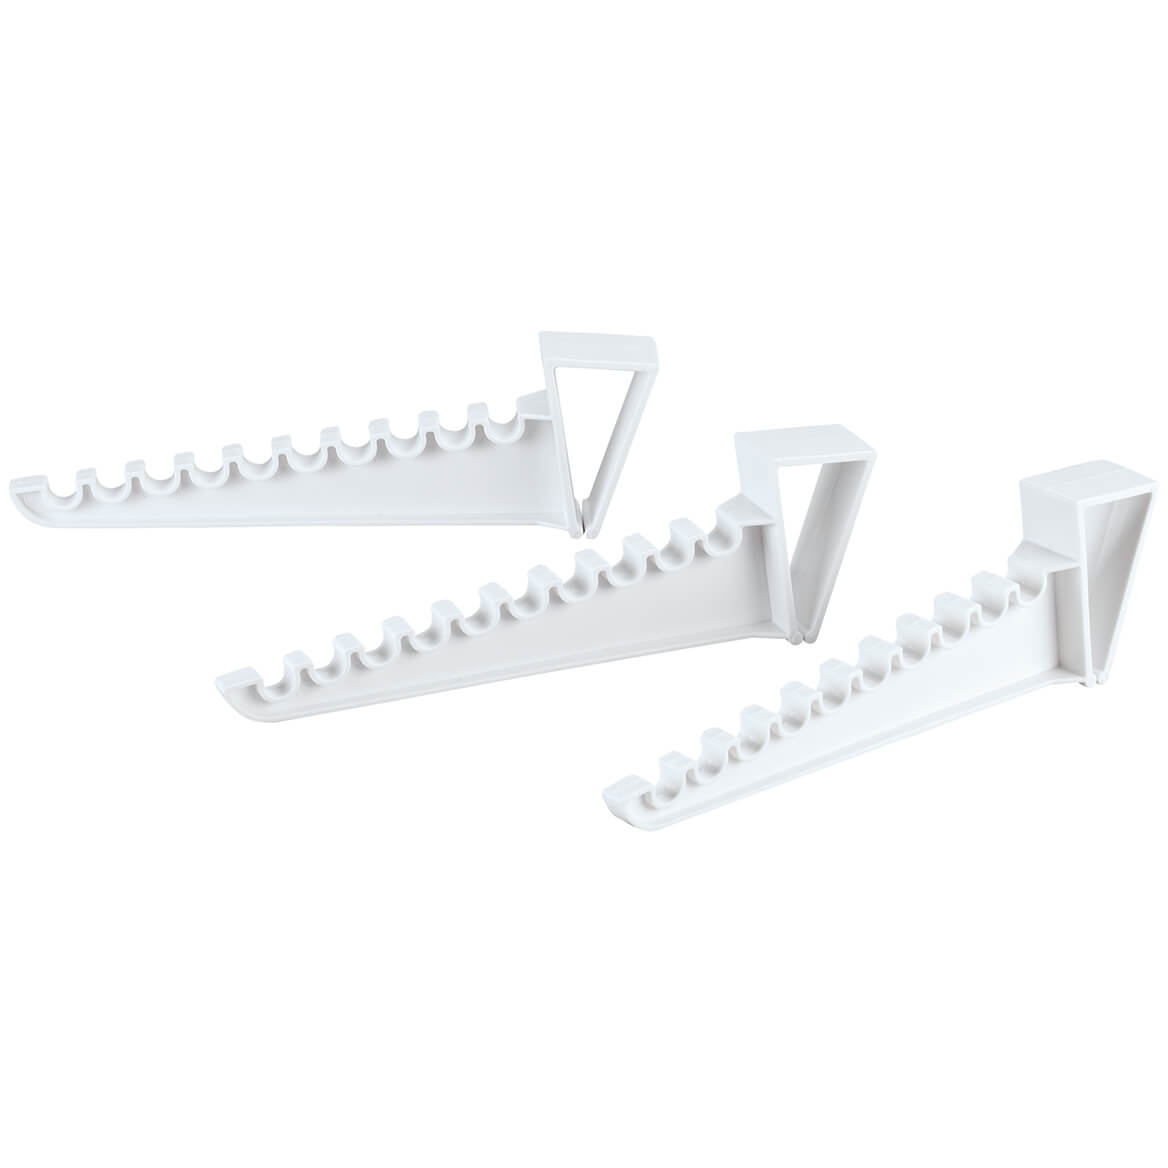 Over-the-Door Hanger Racks, Set of 3-370566